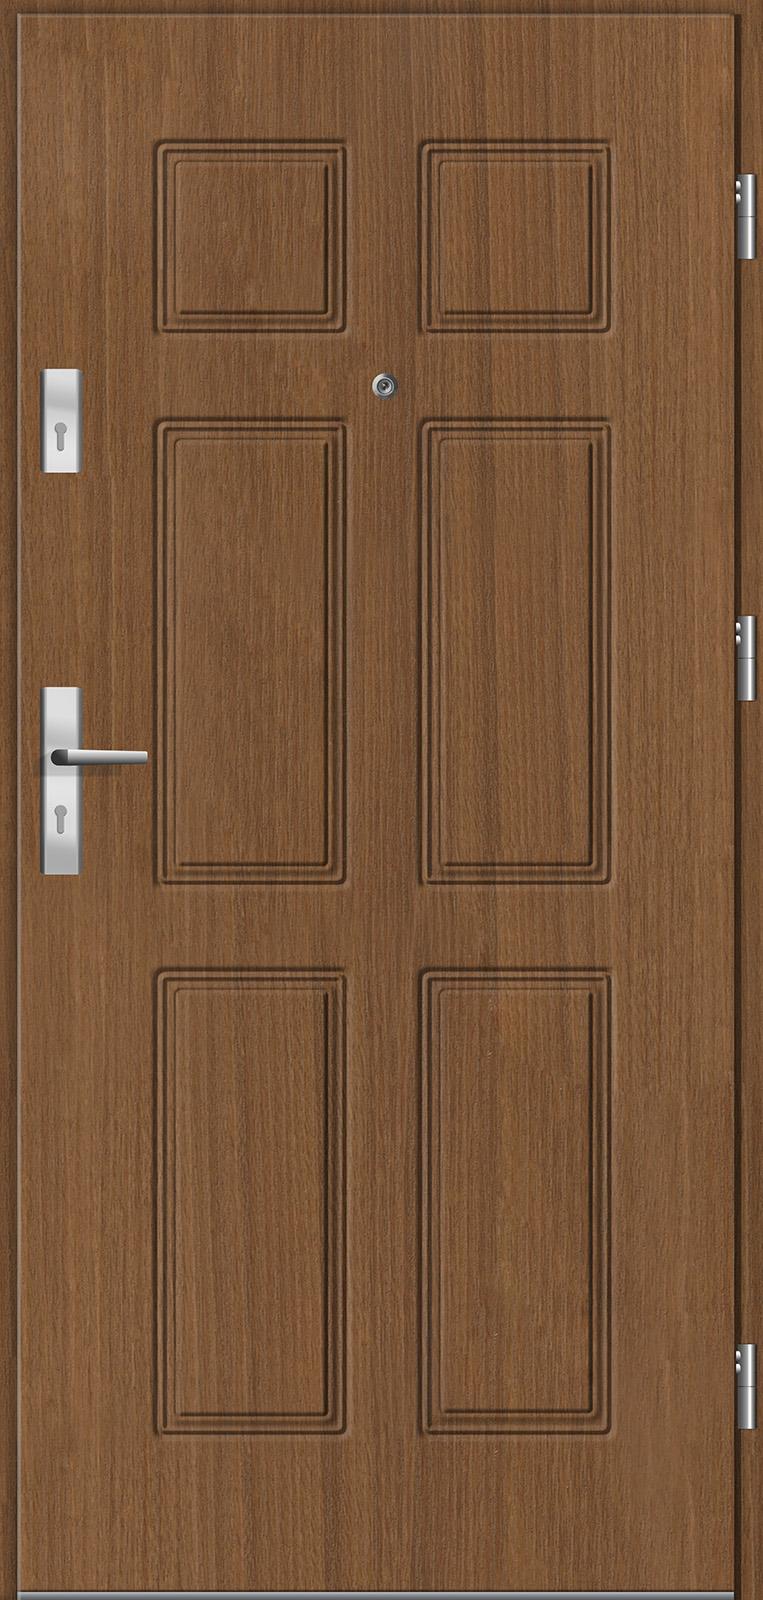 Drzwi wewnętrzne do mieszkań Otium 43 v2 tuja